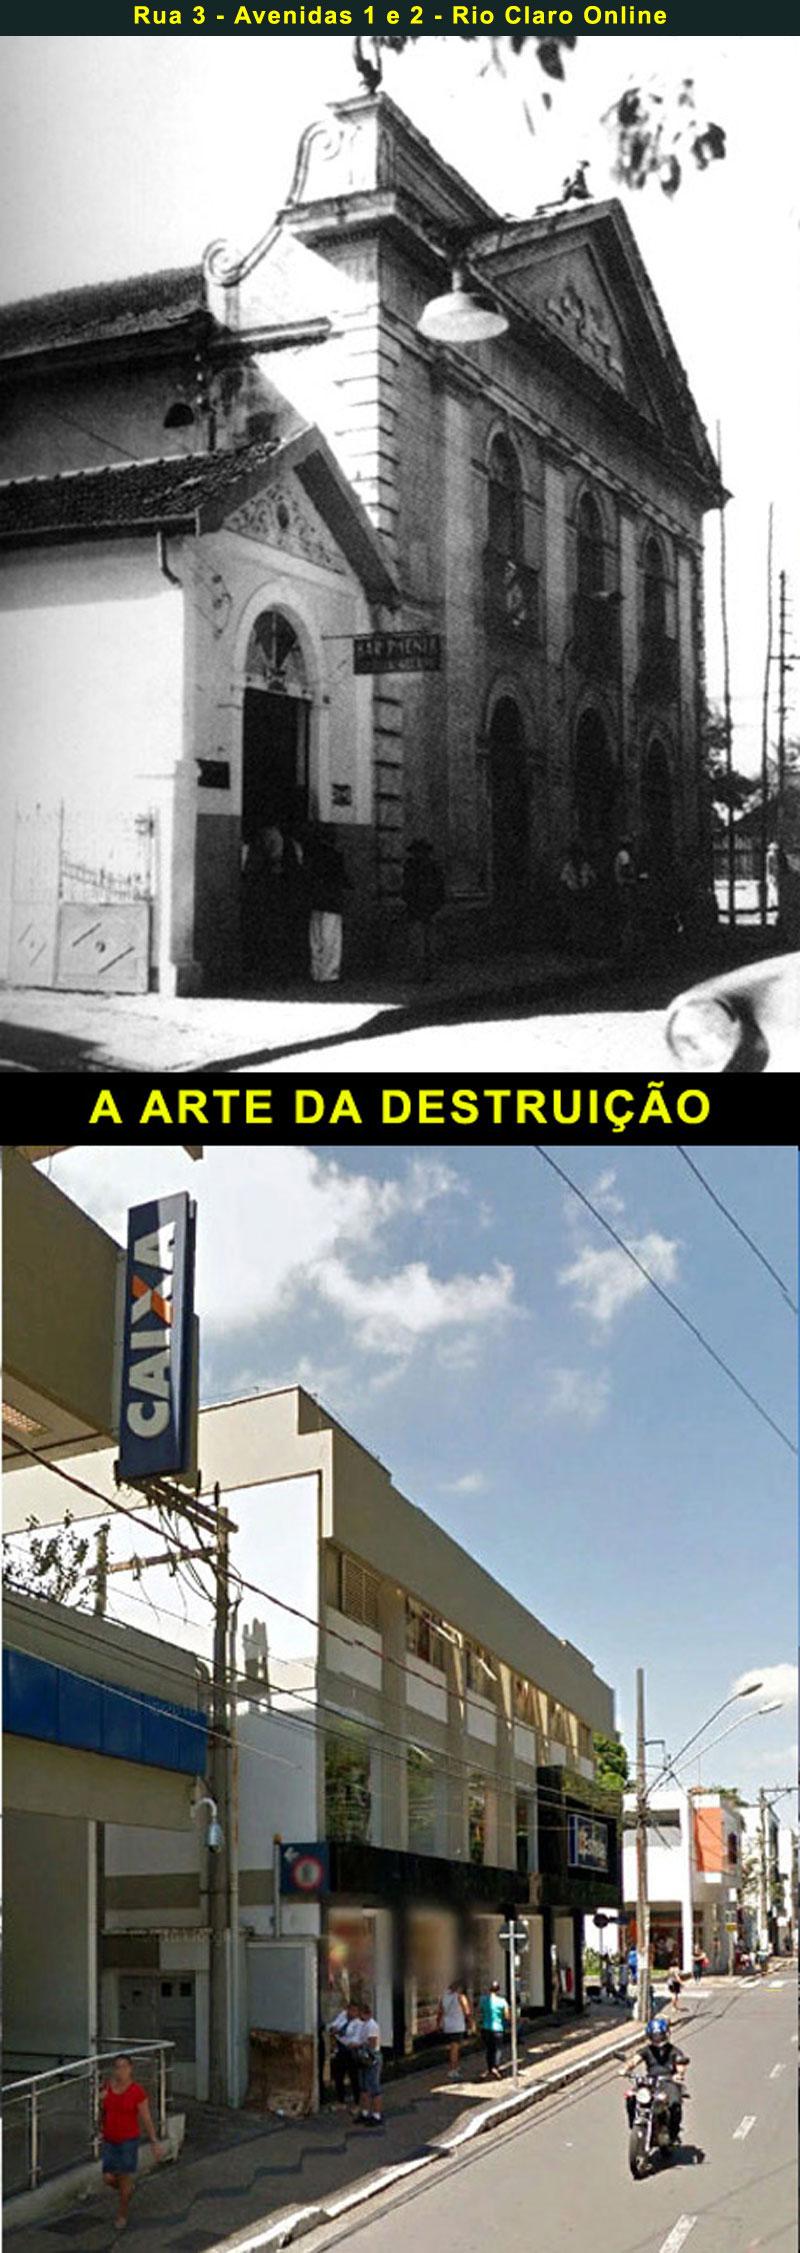 13_AD_Rua3_Avenidas1e2